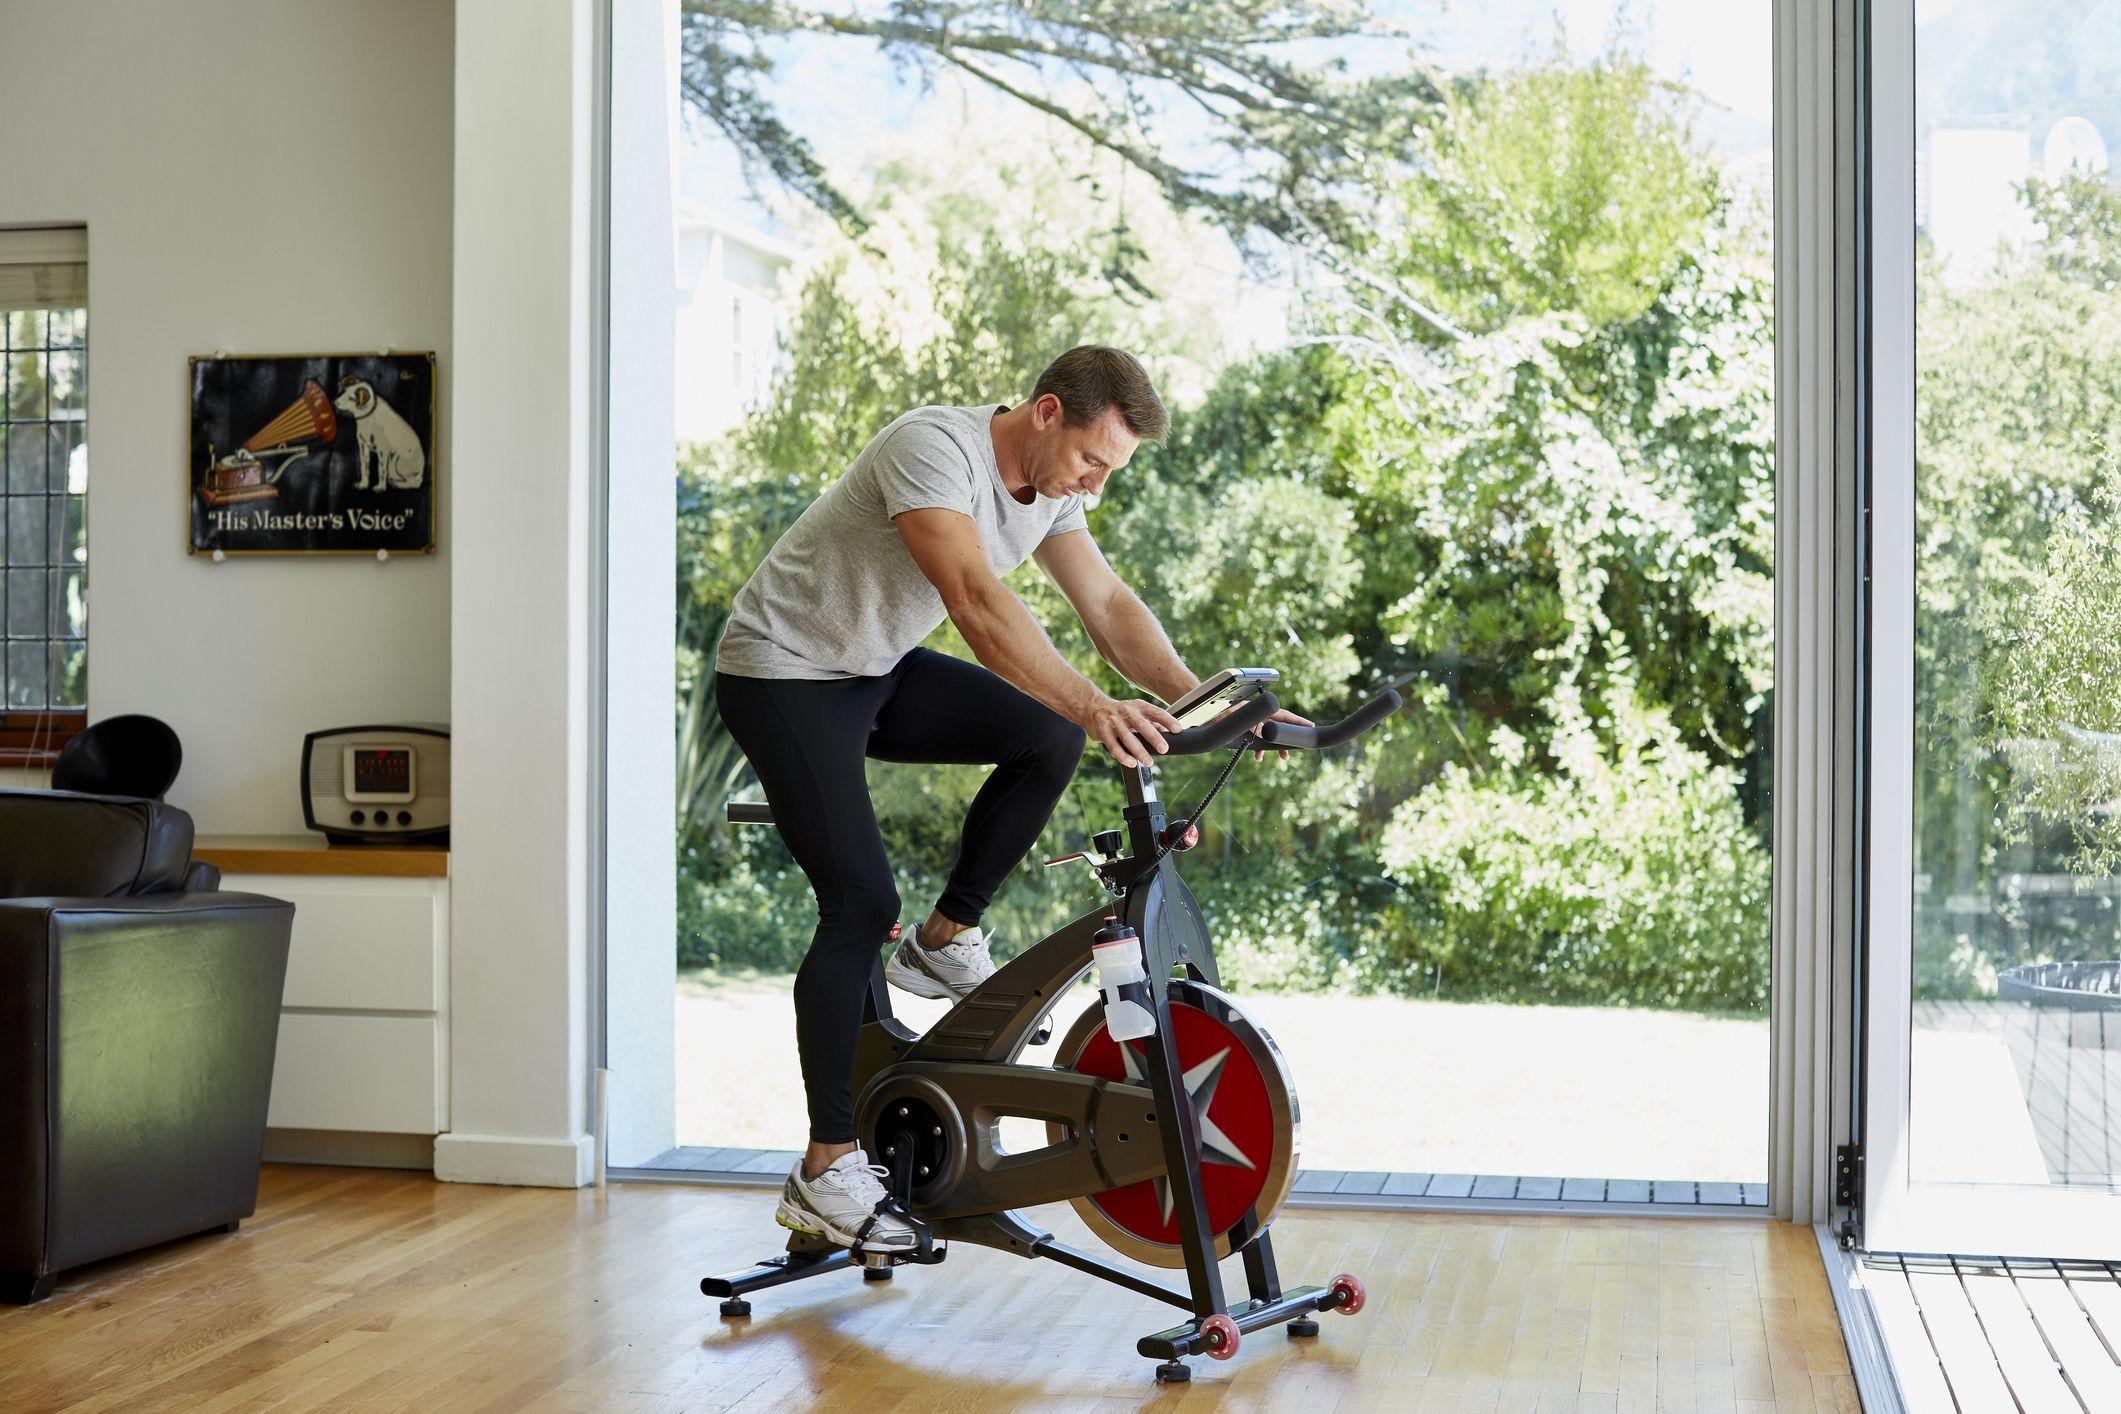 está pedaleando solo lo suficiente para perder peso